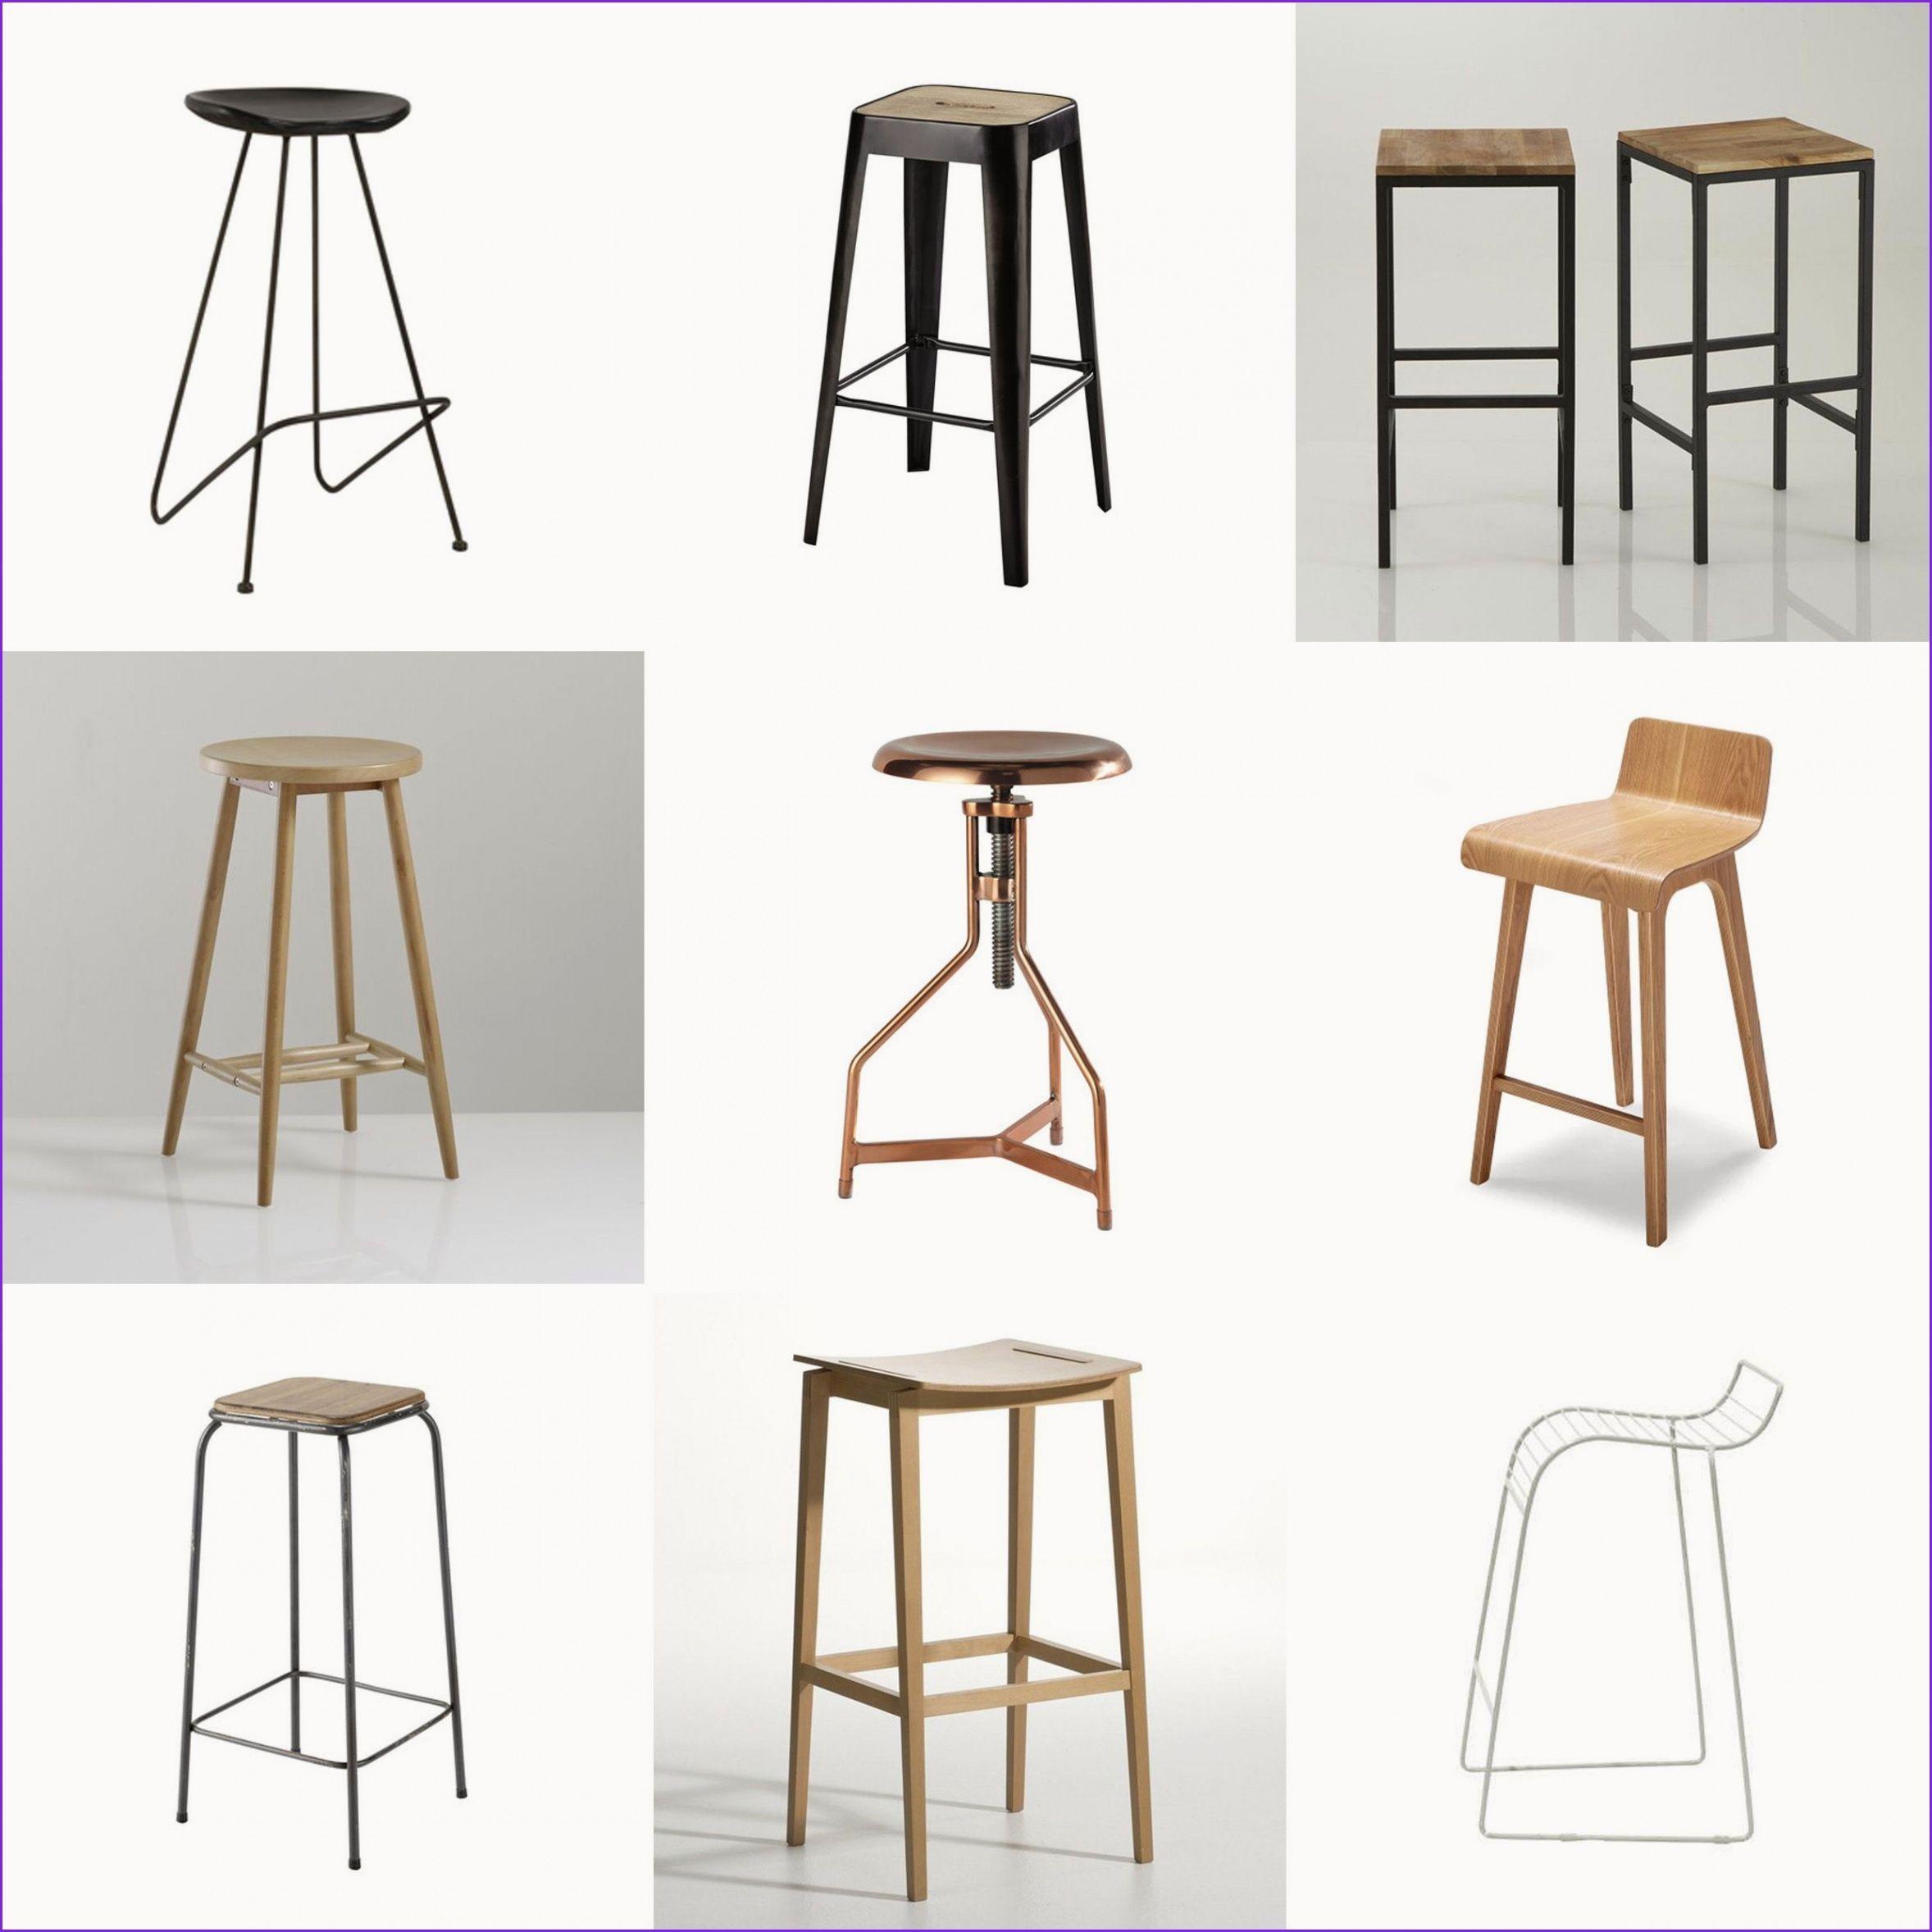 Awesome Scandinavian Stool En 2020 Chaise Industrielle Tabouret De Bar Decoration Maison